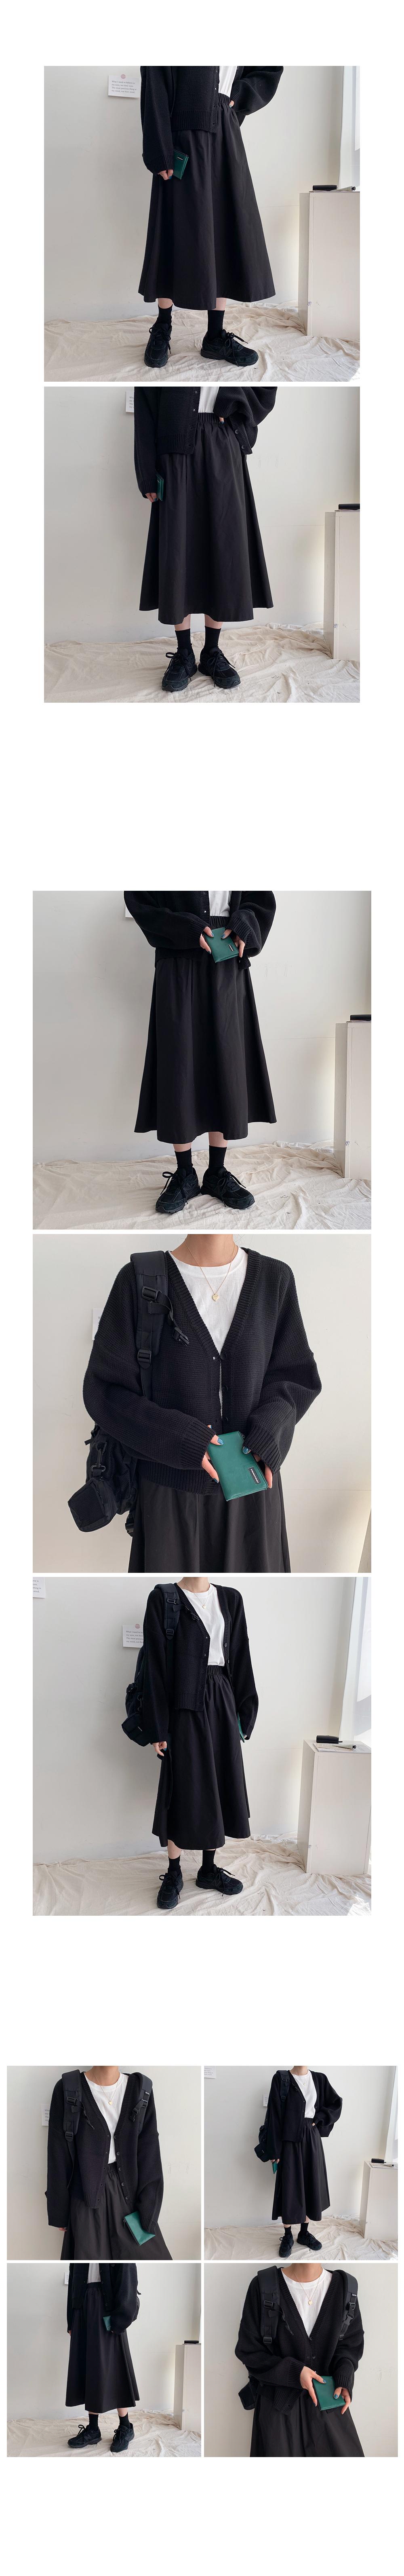 New Wind Long Skirt